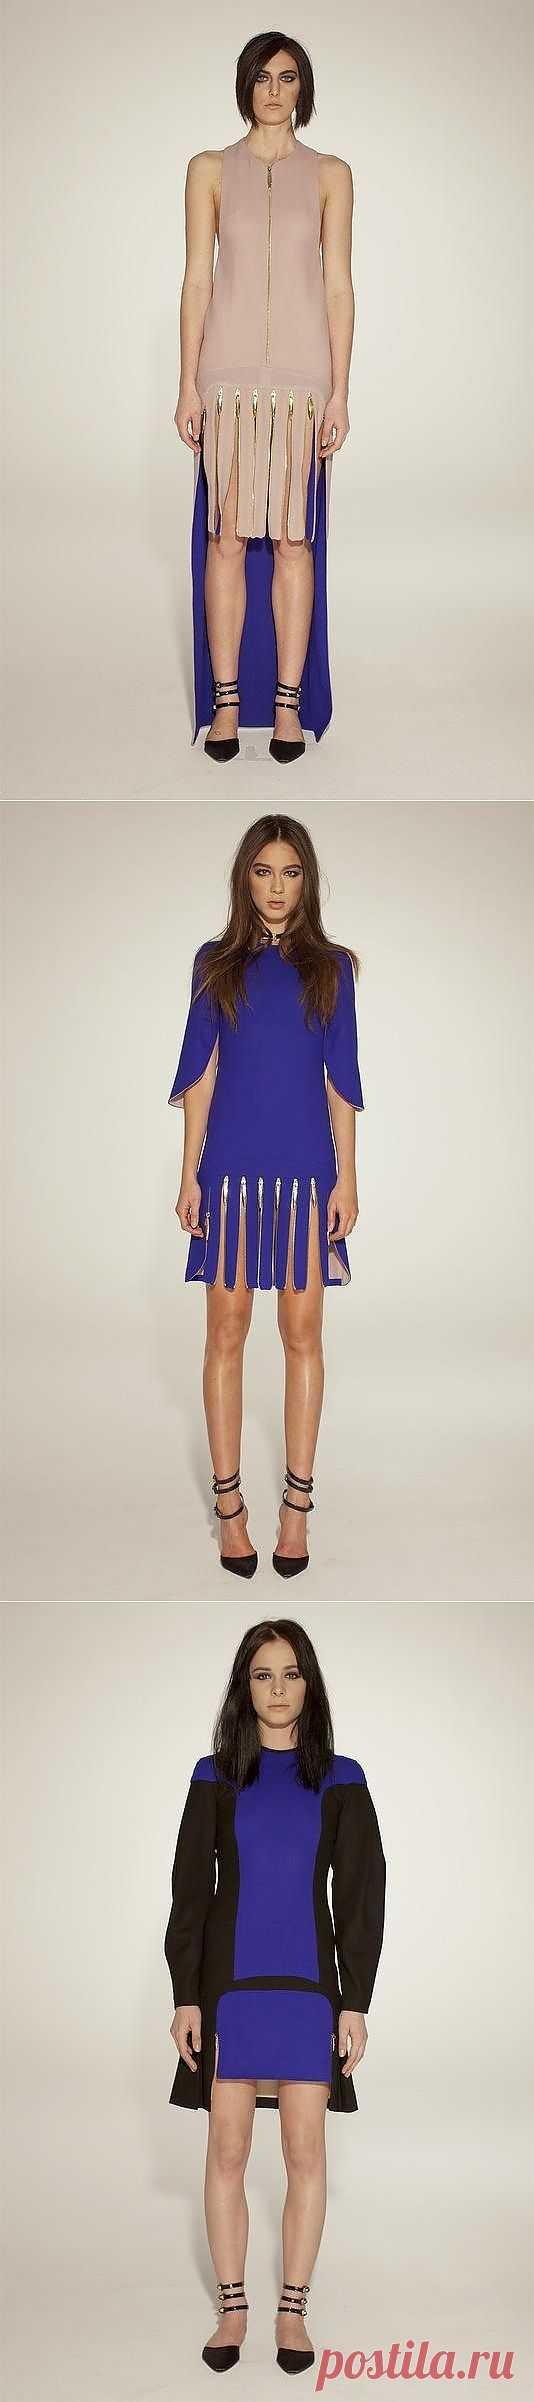 Разрезы на молниях / Детали / Модный сайт о стильной переделке одежды и интерьера